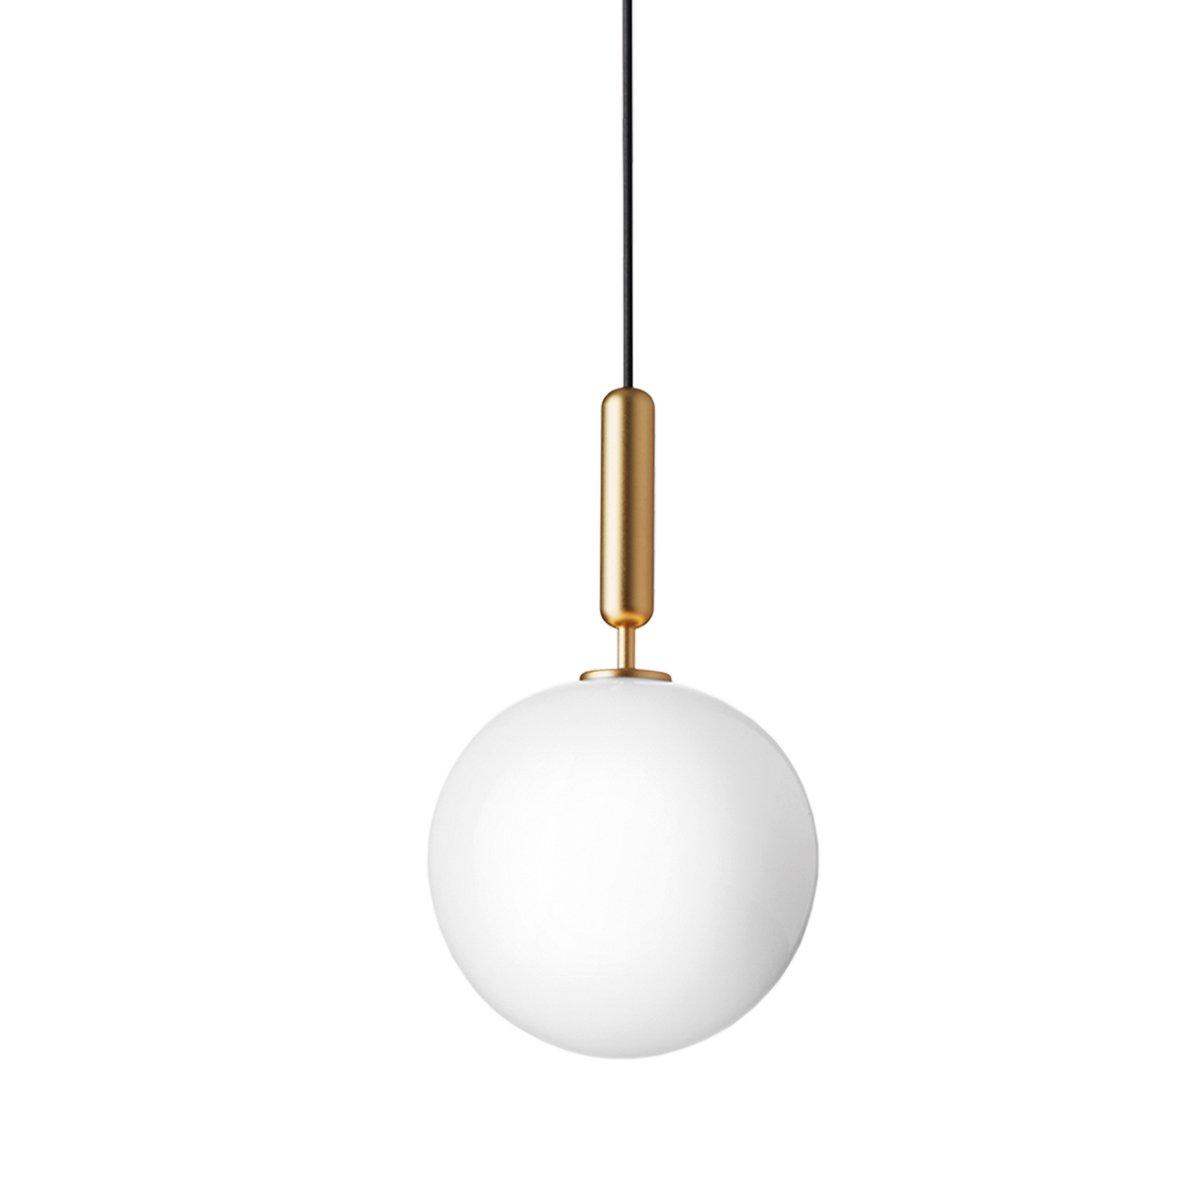 Nuura Miira 1 Hanglamp Large - Brass - Opal White